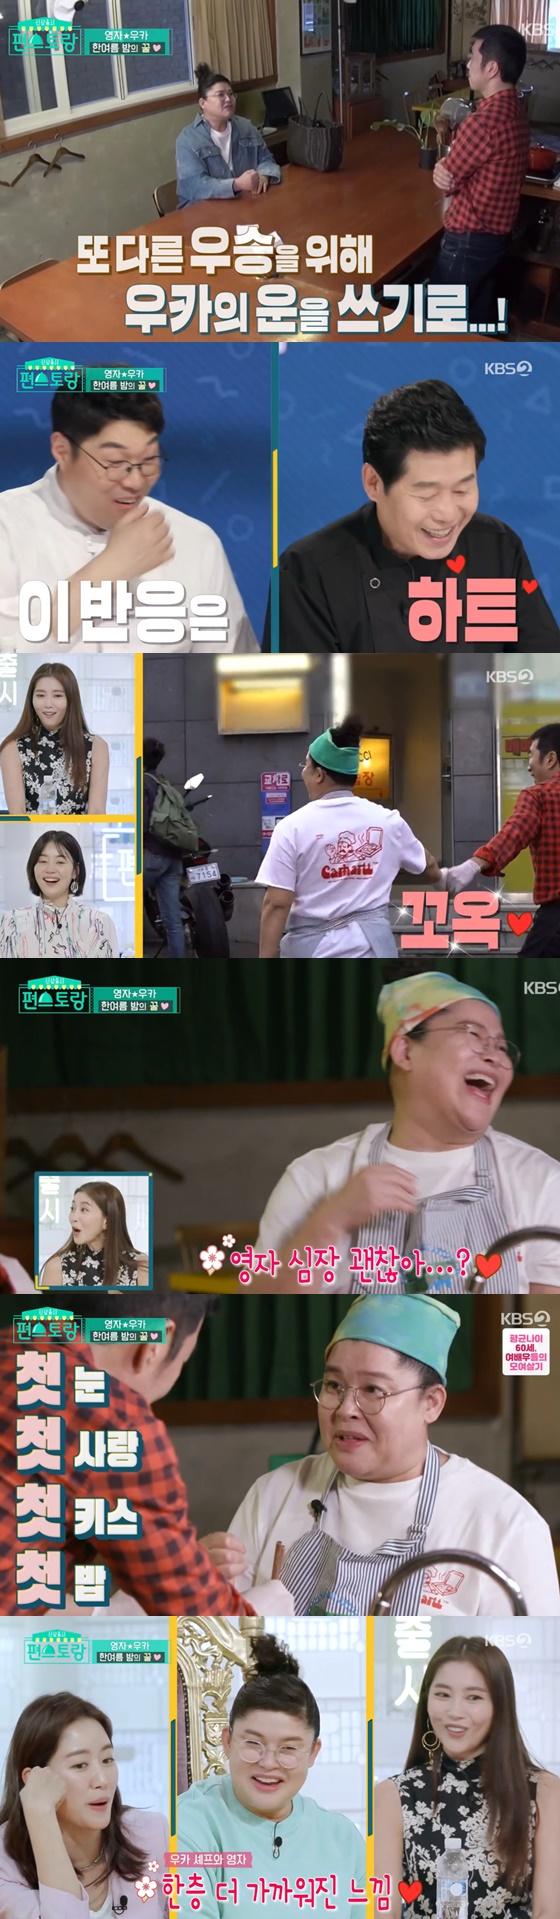 '편스토랑' 영자의 썸은 계속된다..우카♥ ''촬영 외 약속 잡았다'' [★밤TView]